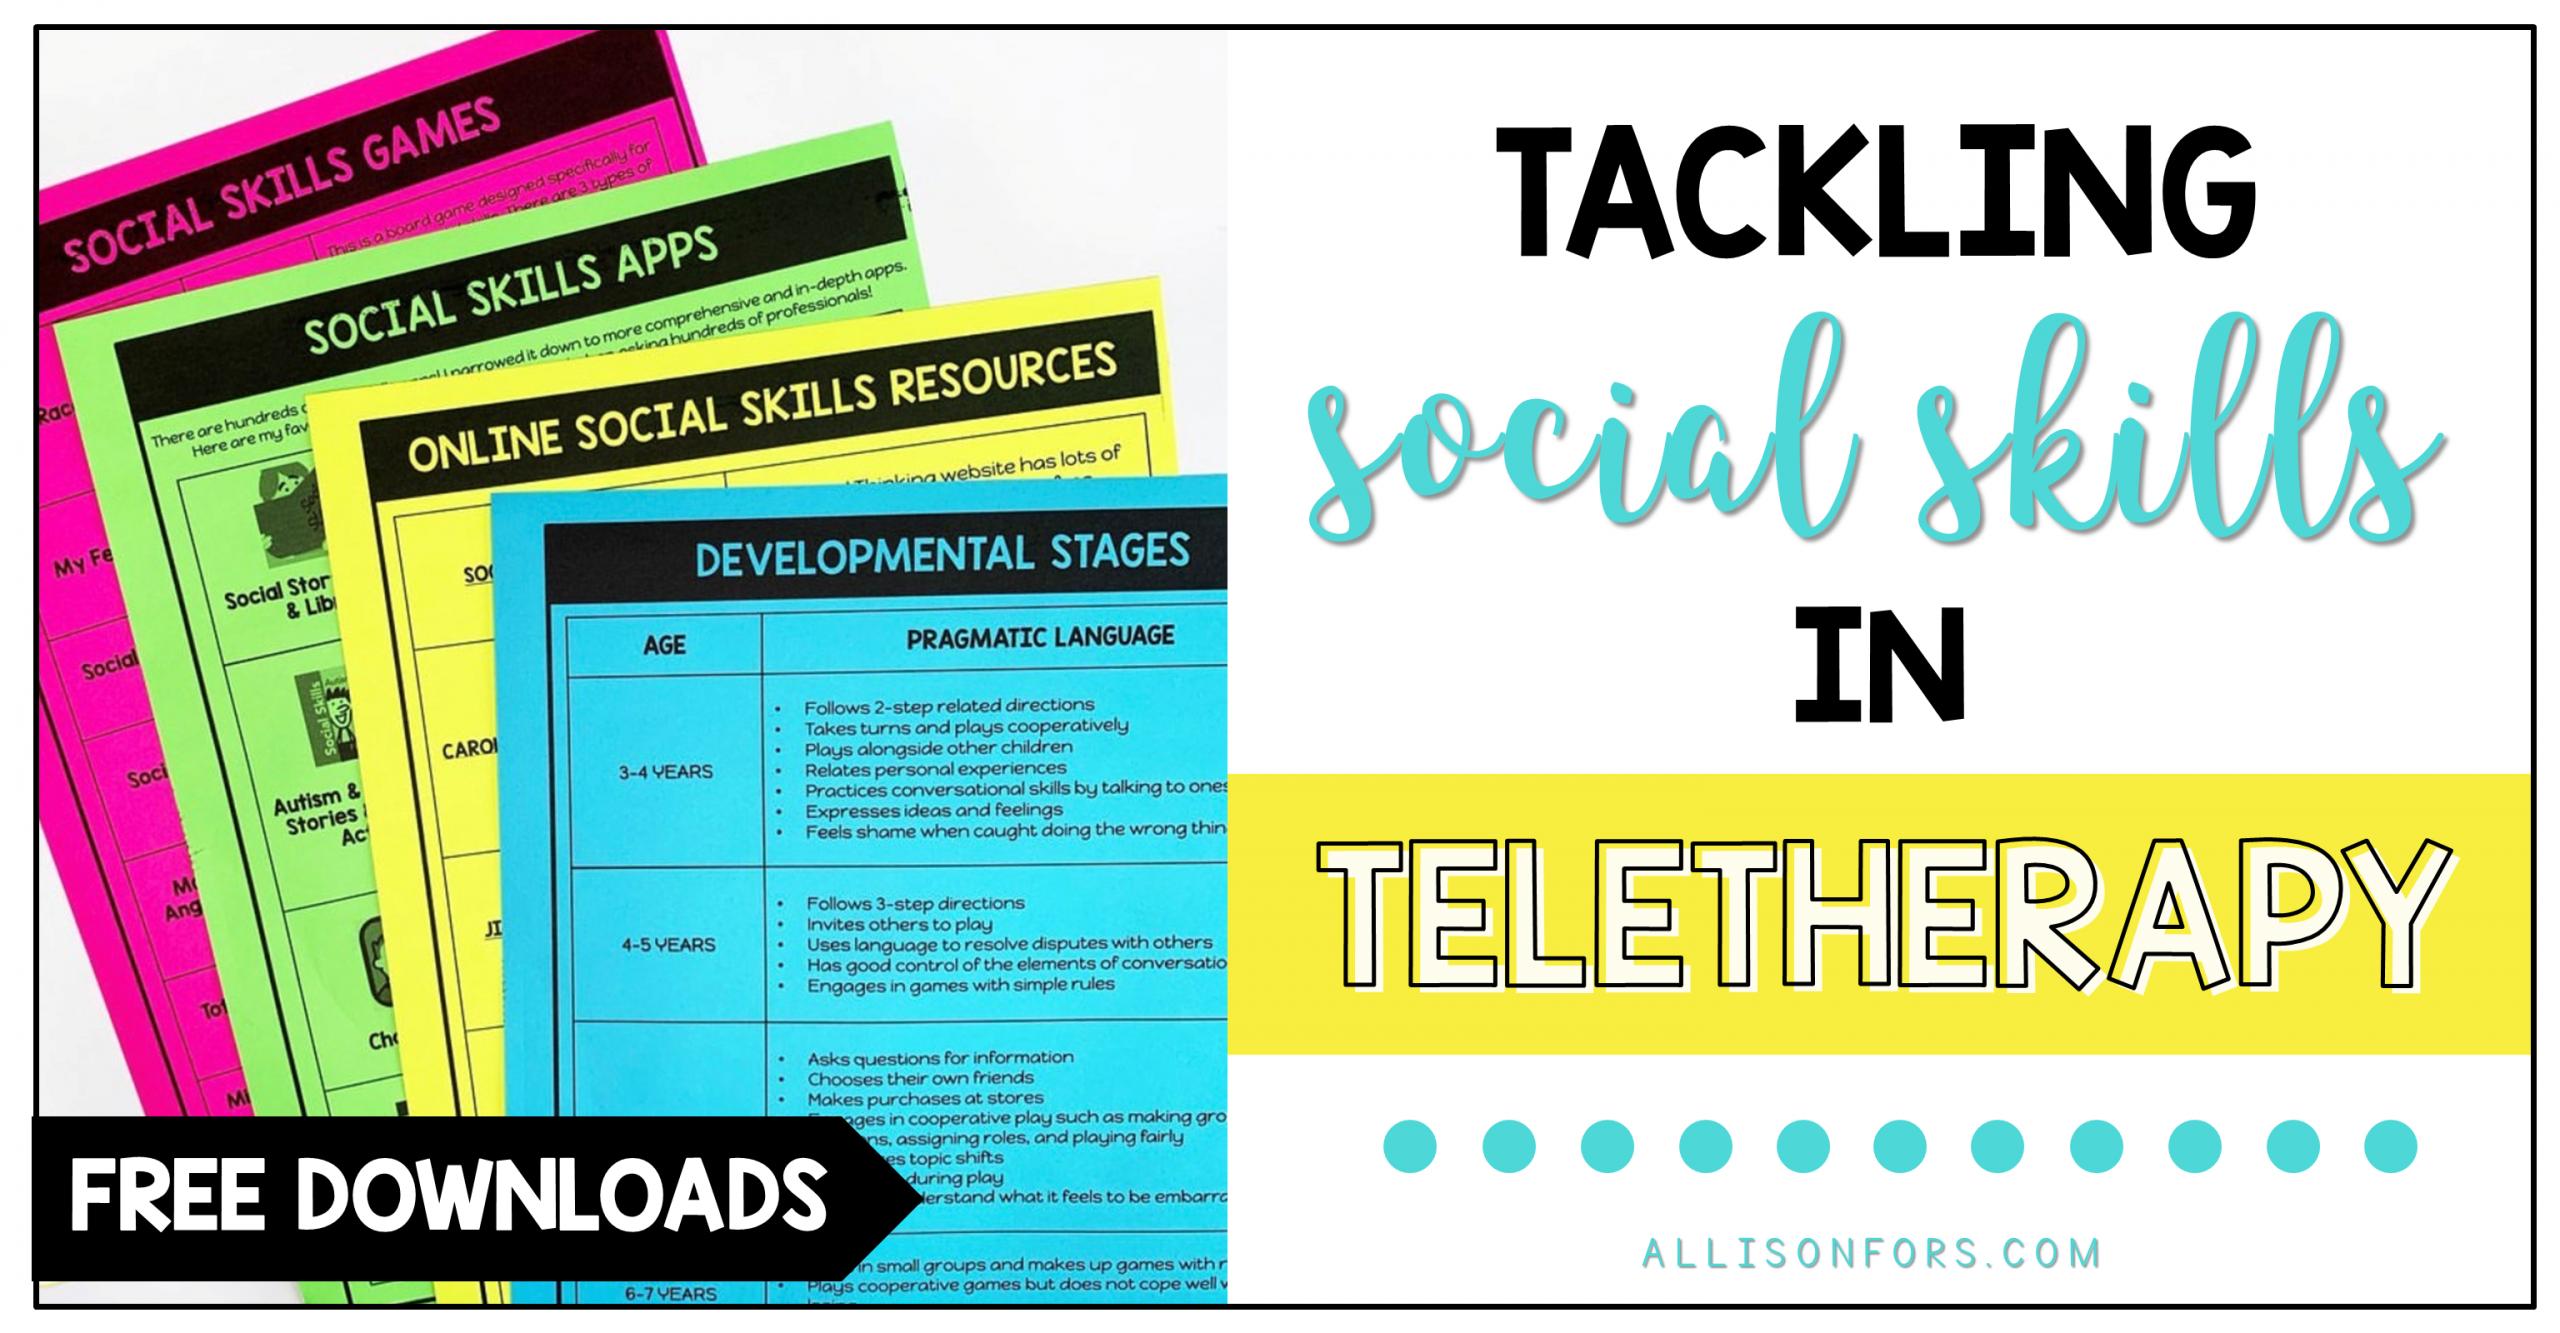 Tackling Social Skills in Teletherapy